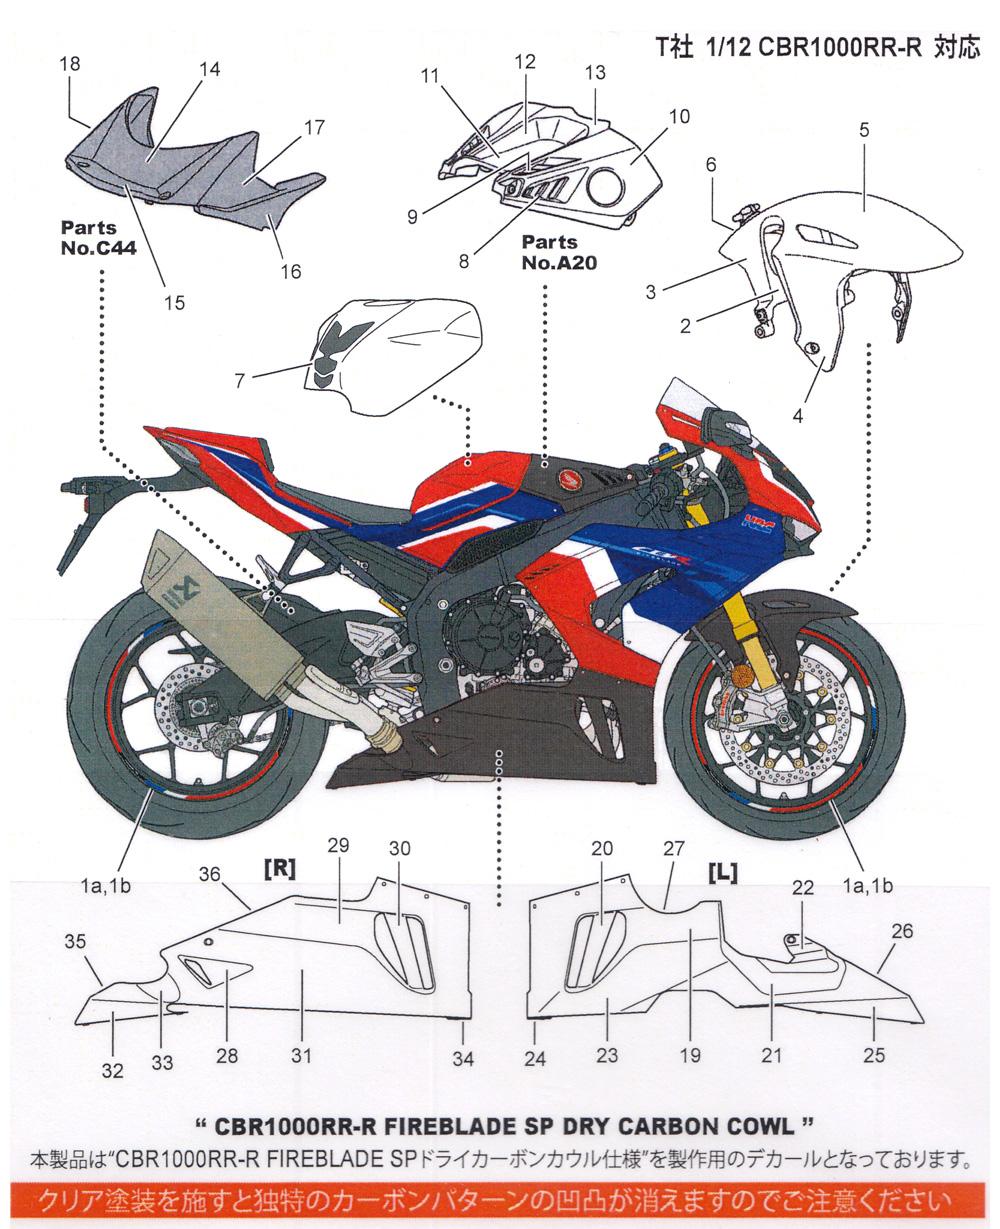 ホンダ CBR 1000RR-R ドライ カーボンデカールデカール(スタジオ27バイク カーボンデカールNo.CD12010)商品画像_1